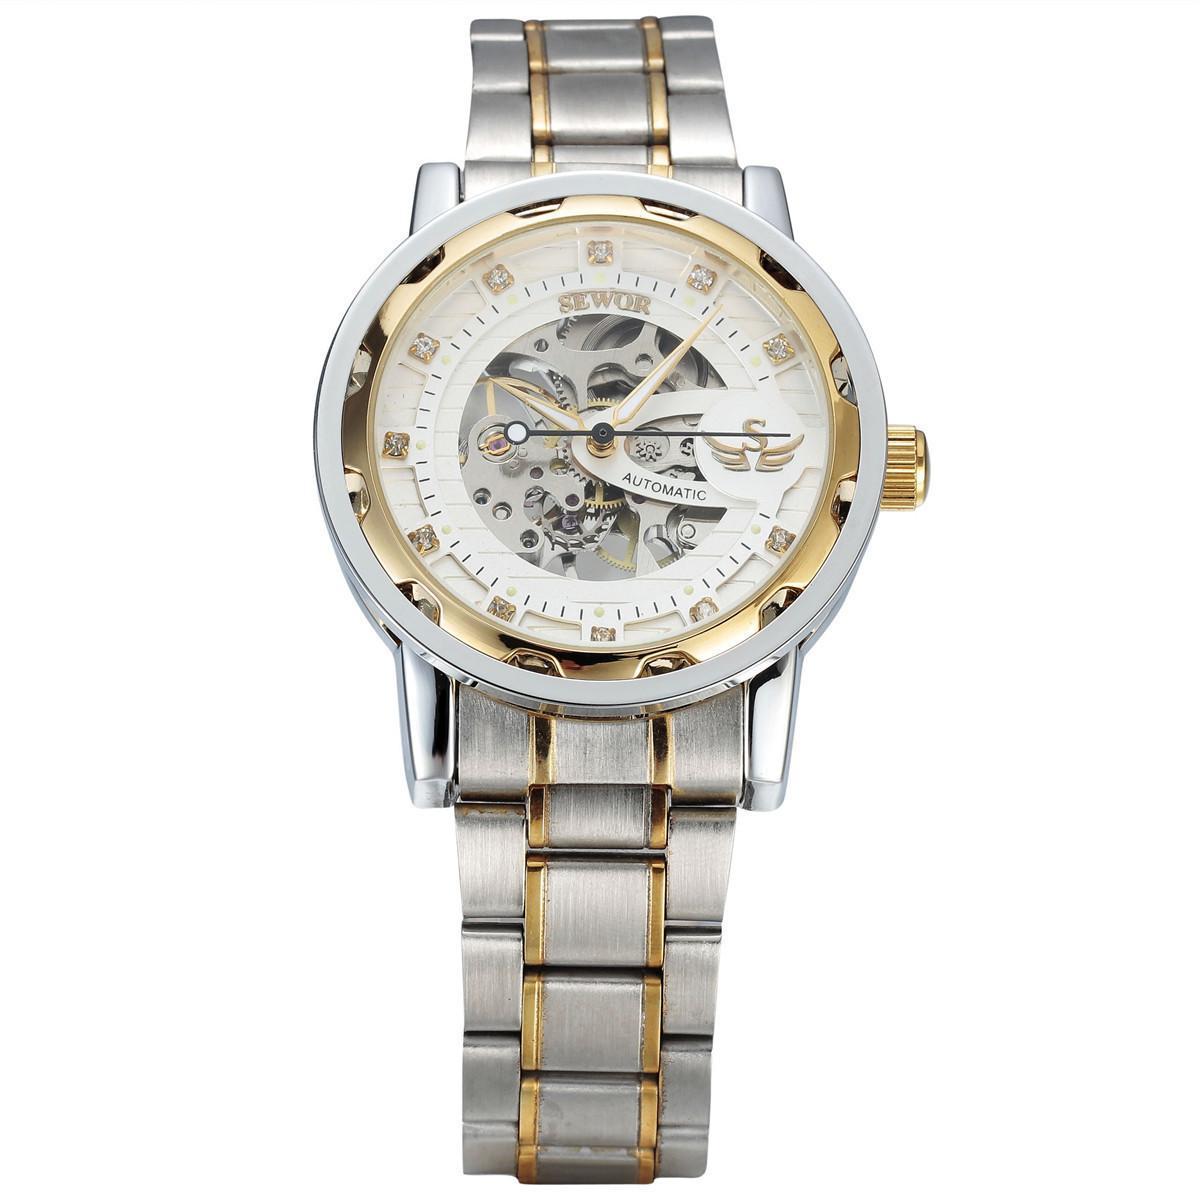 db31d37e1e1 Compre Relógios De Luxo Vestido De Grife De Moda Feminina De Ouro  Calendário Pulseira De Ouro Dobrável Noctilucentes À Prova D  água De  Quartzo Esporte ...